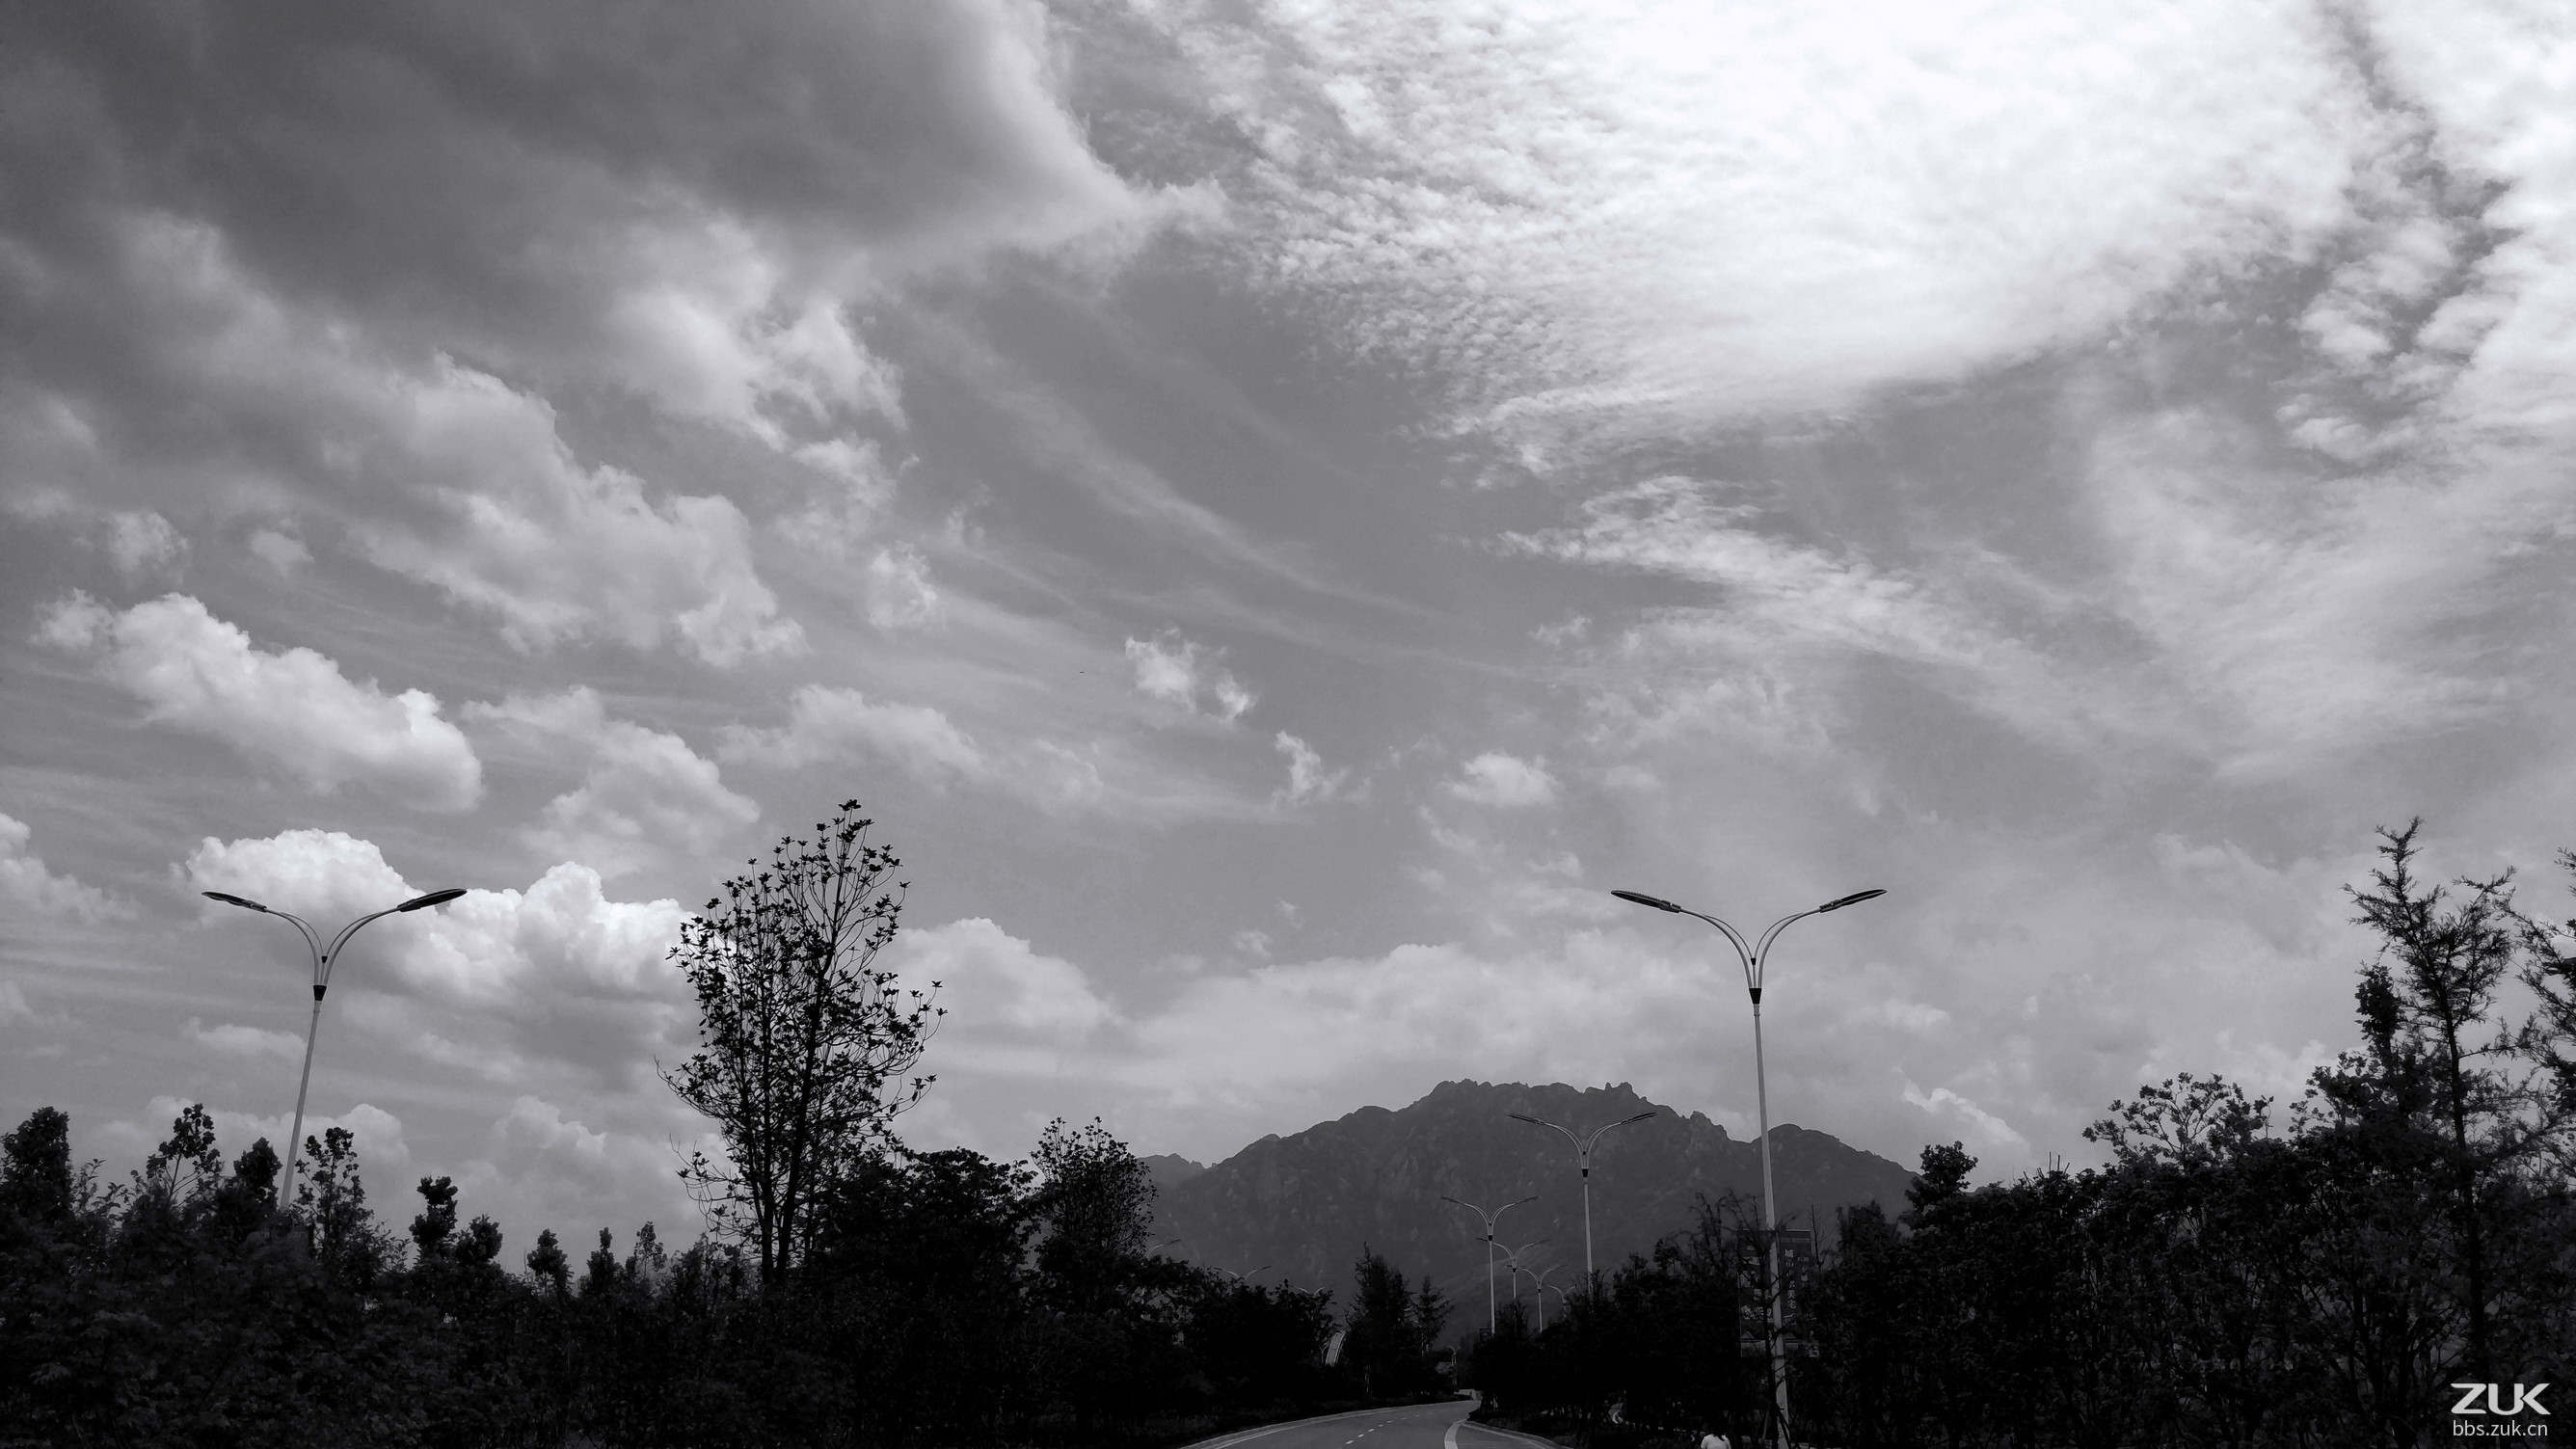 【黑白色调】沿途的风景